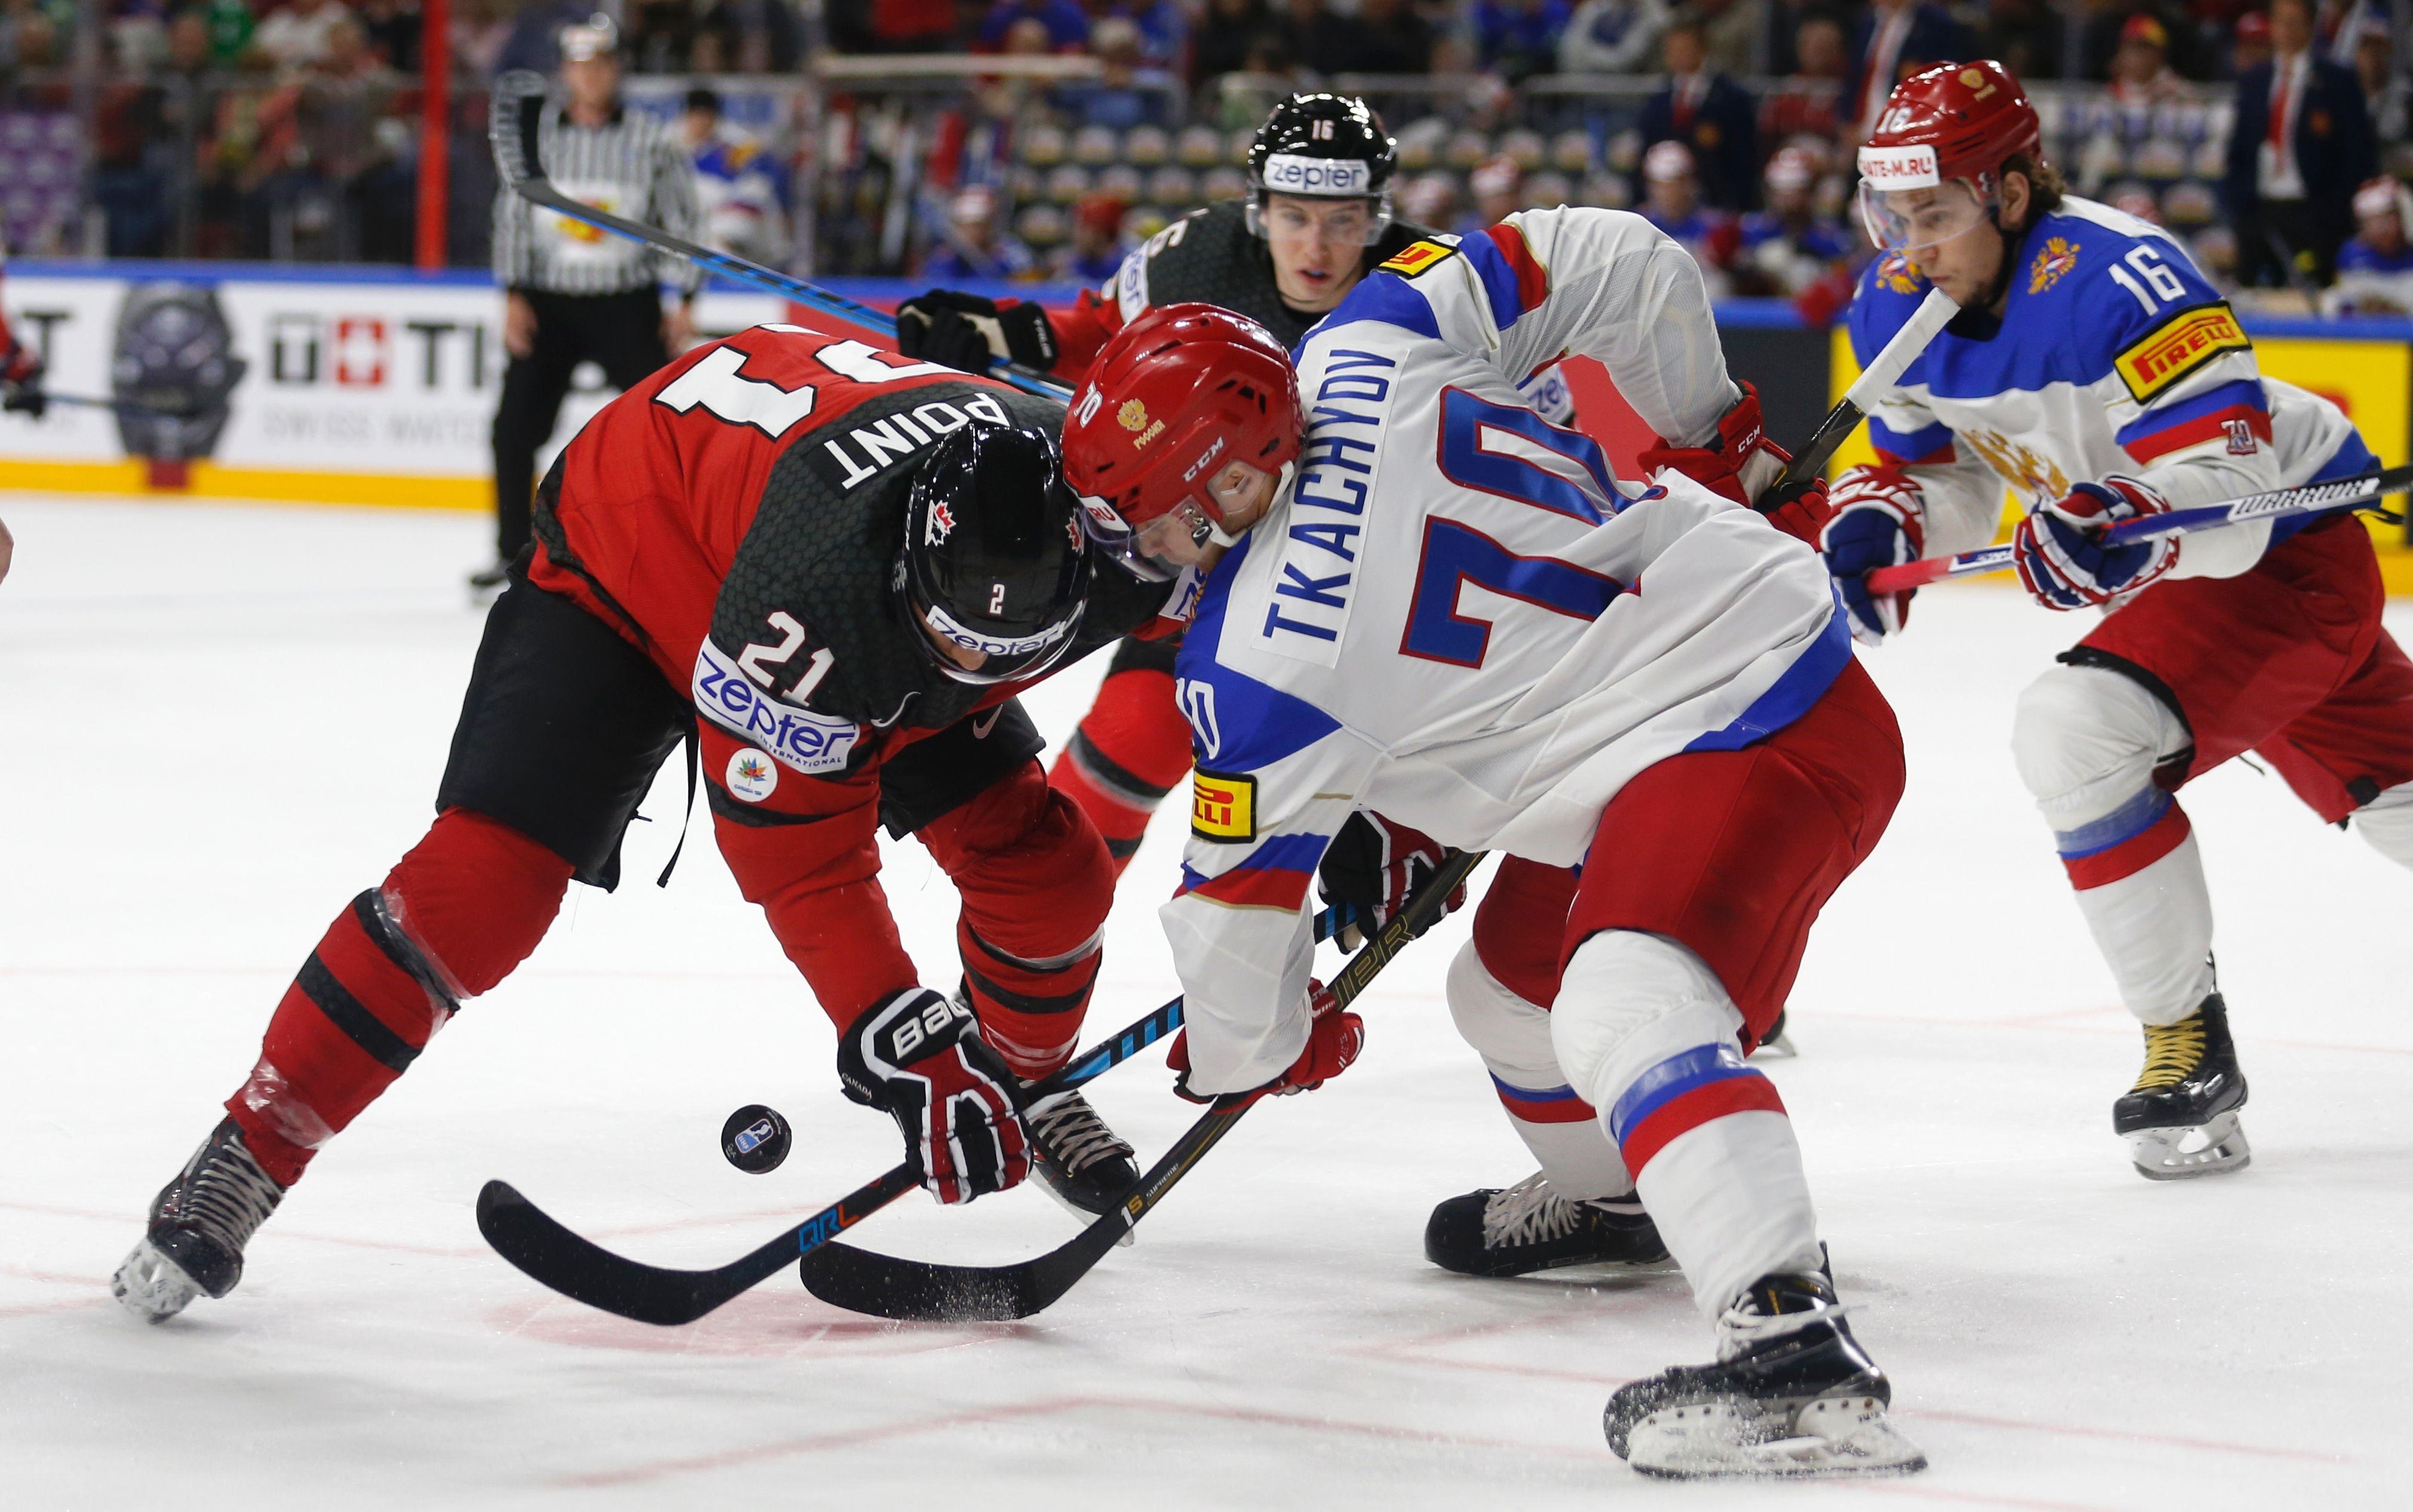 Брейден Пойнт и Владимир Ткачев в матче Канада – Россия